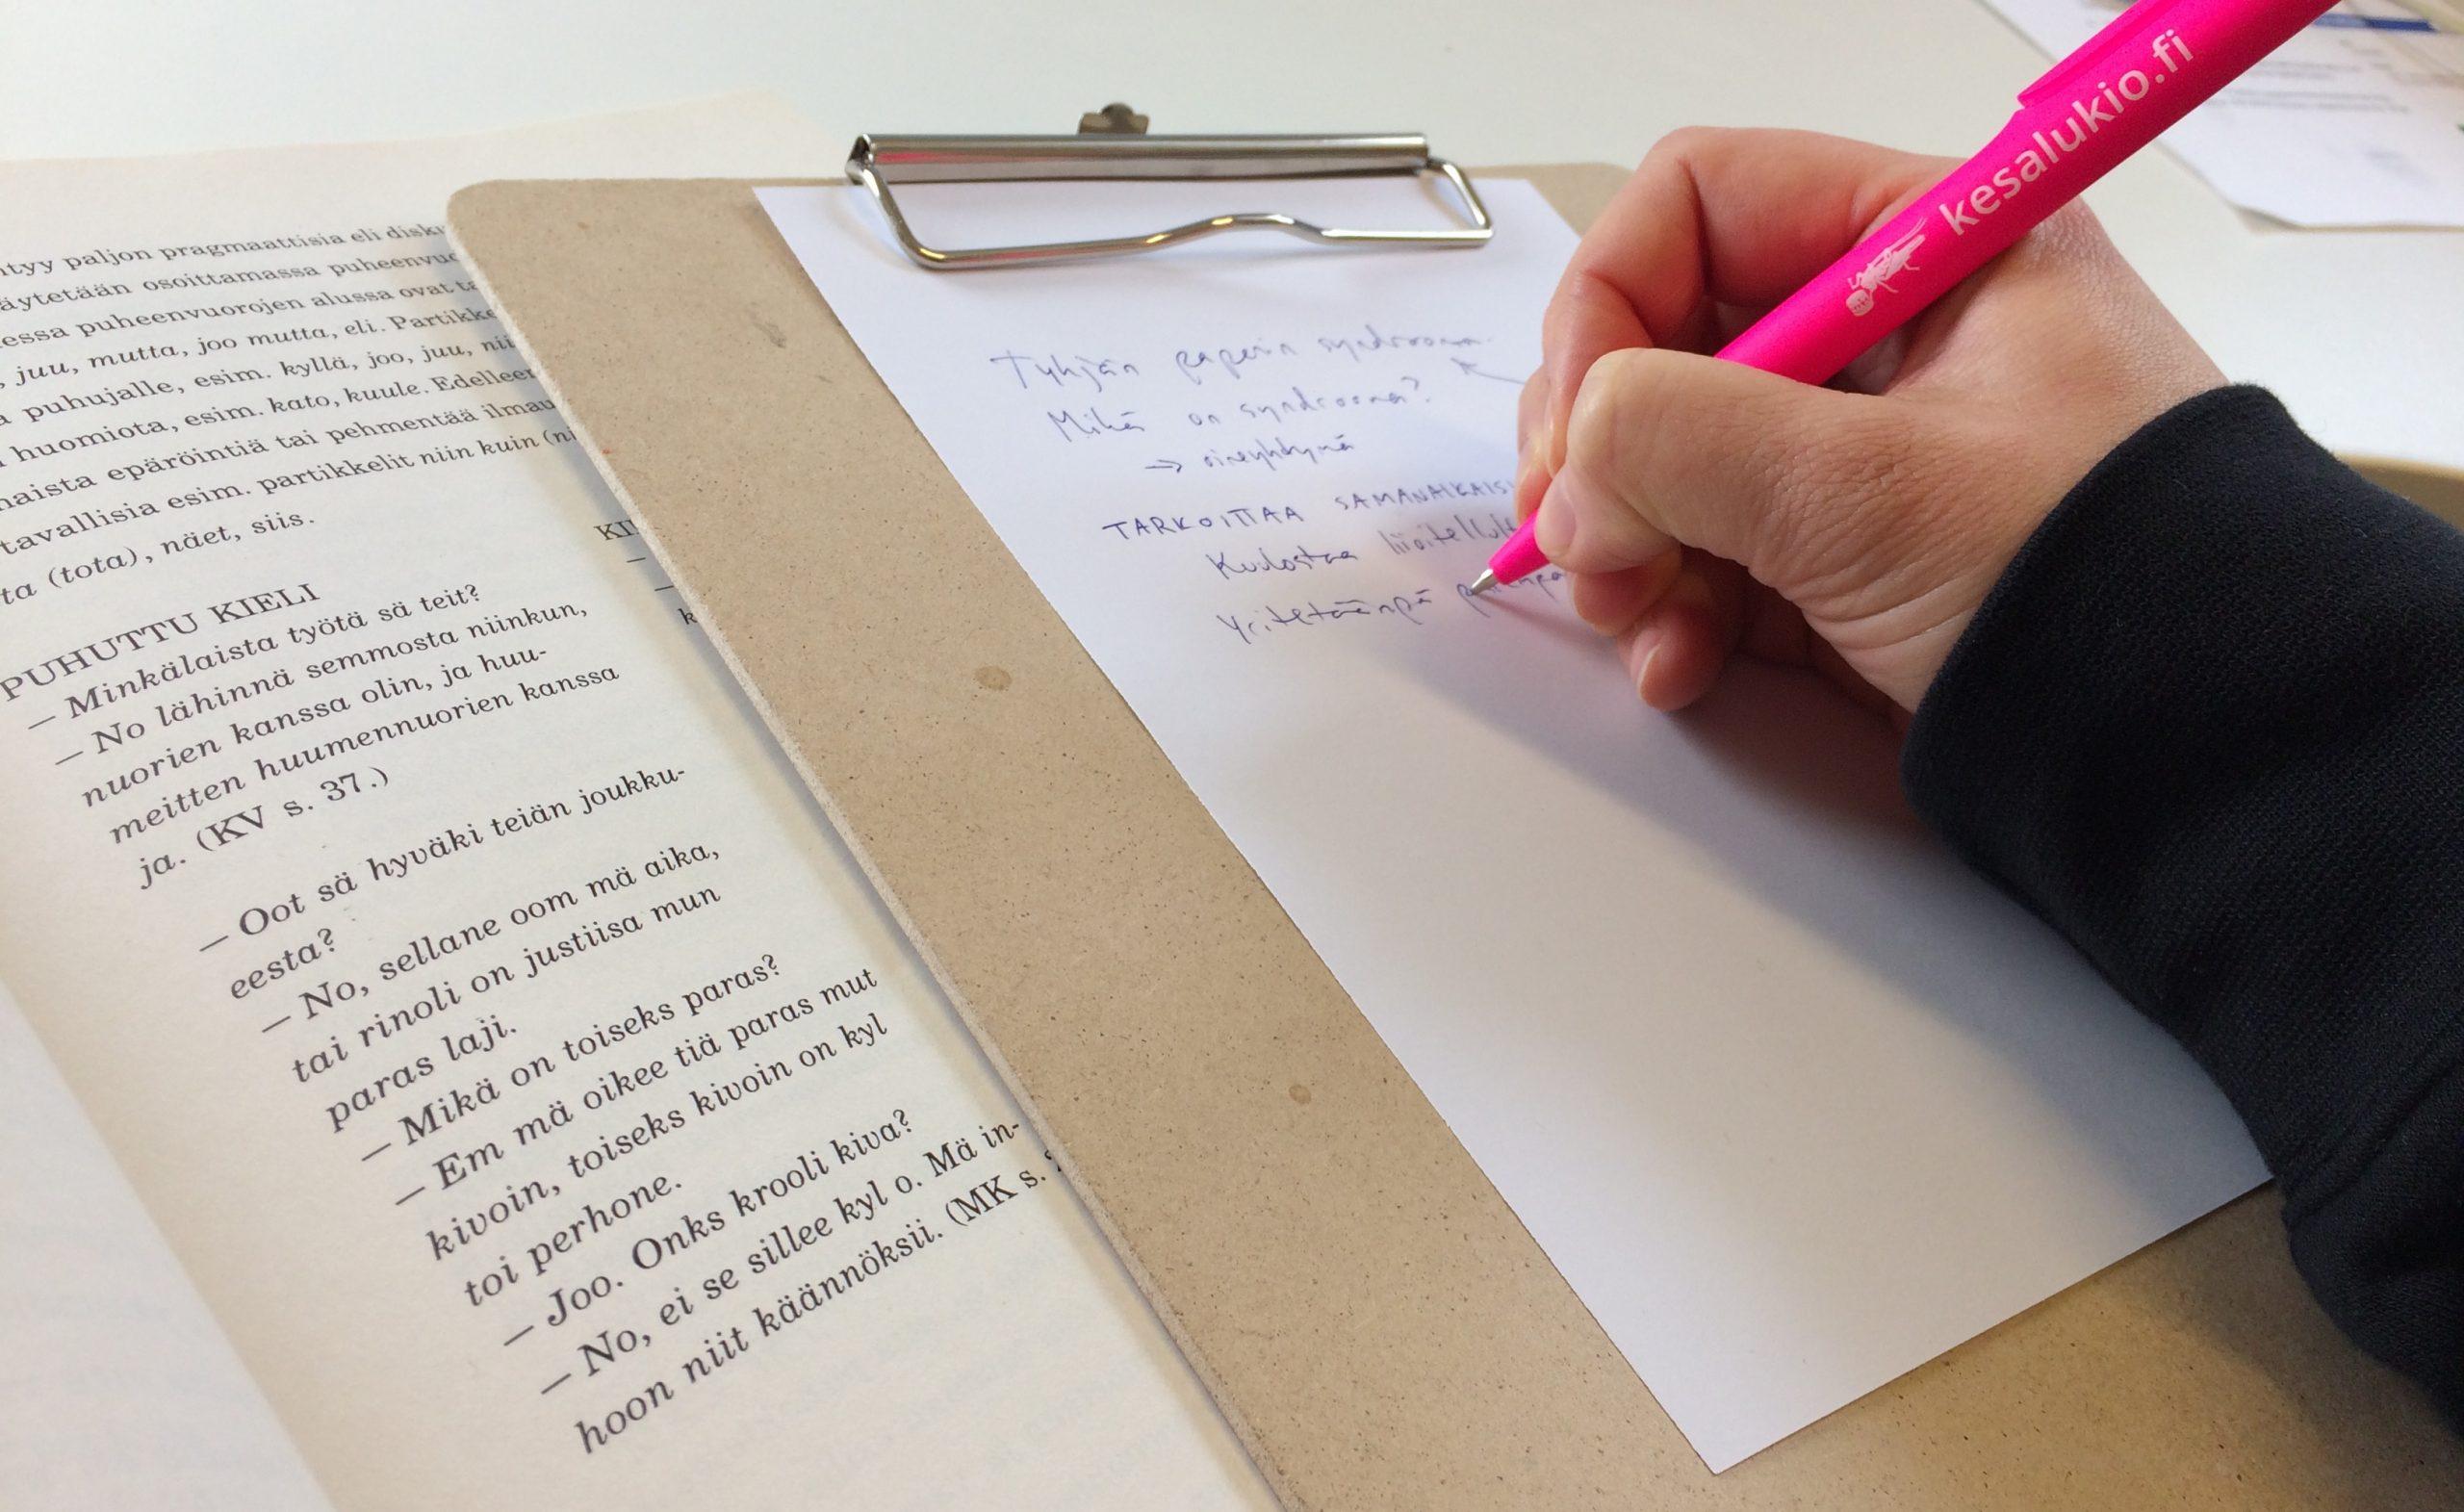 Luovaa kirjoittamista, teatteri-ilmaisua, äidinkieltä tai suomea kesälukioissa